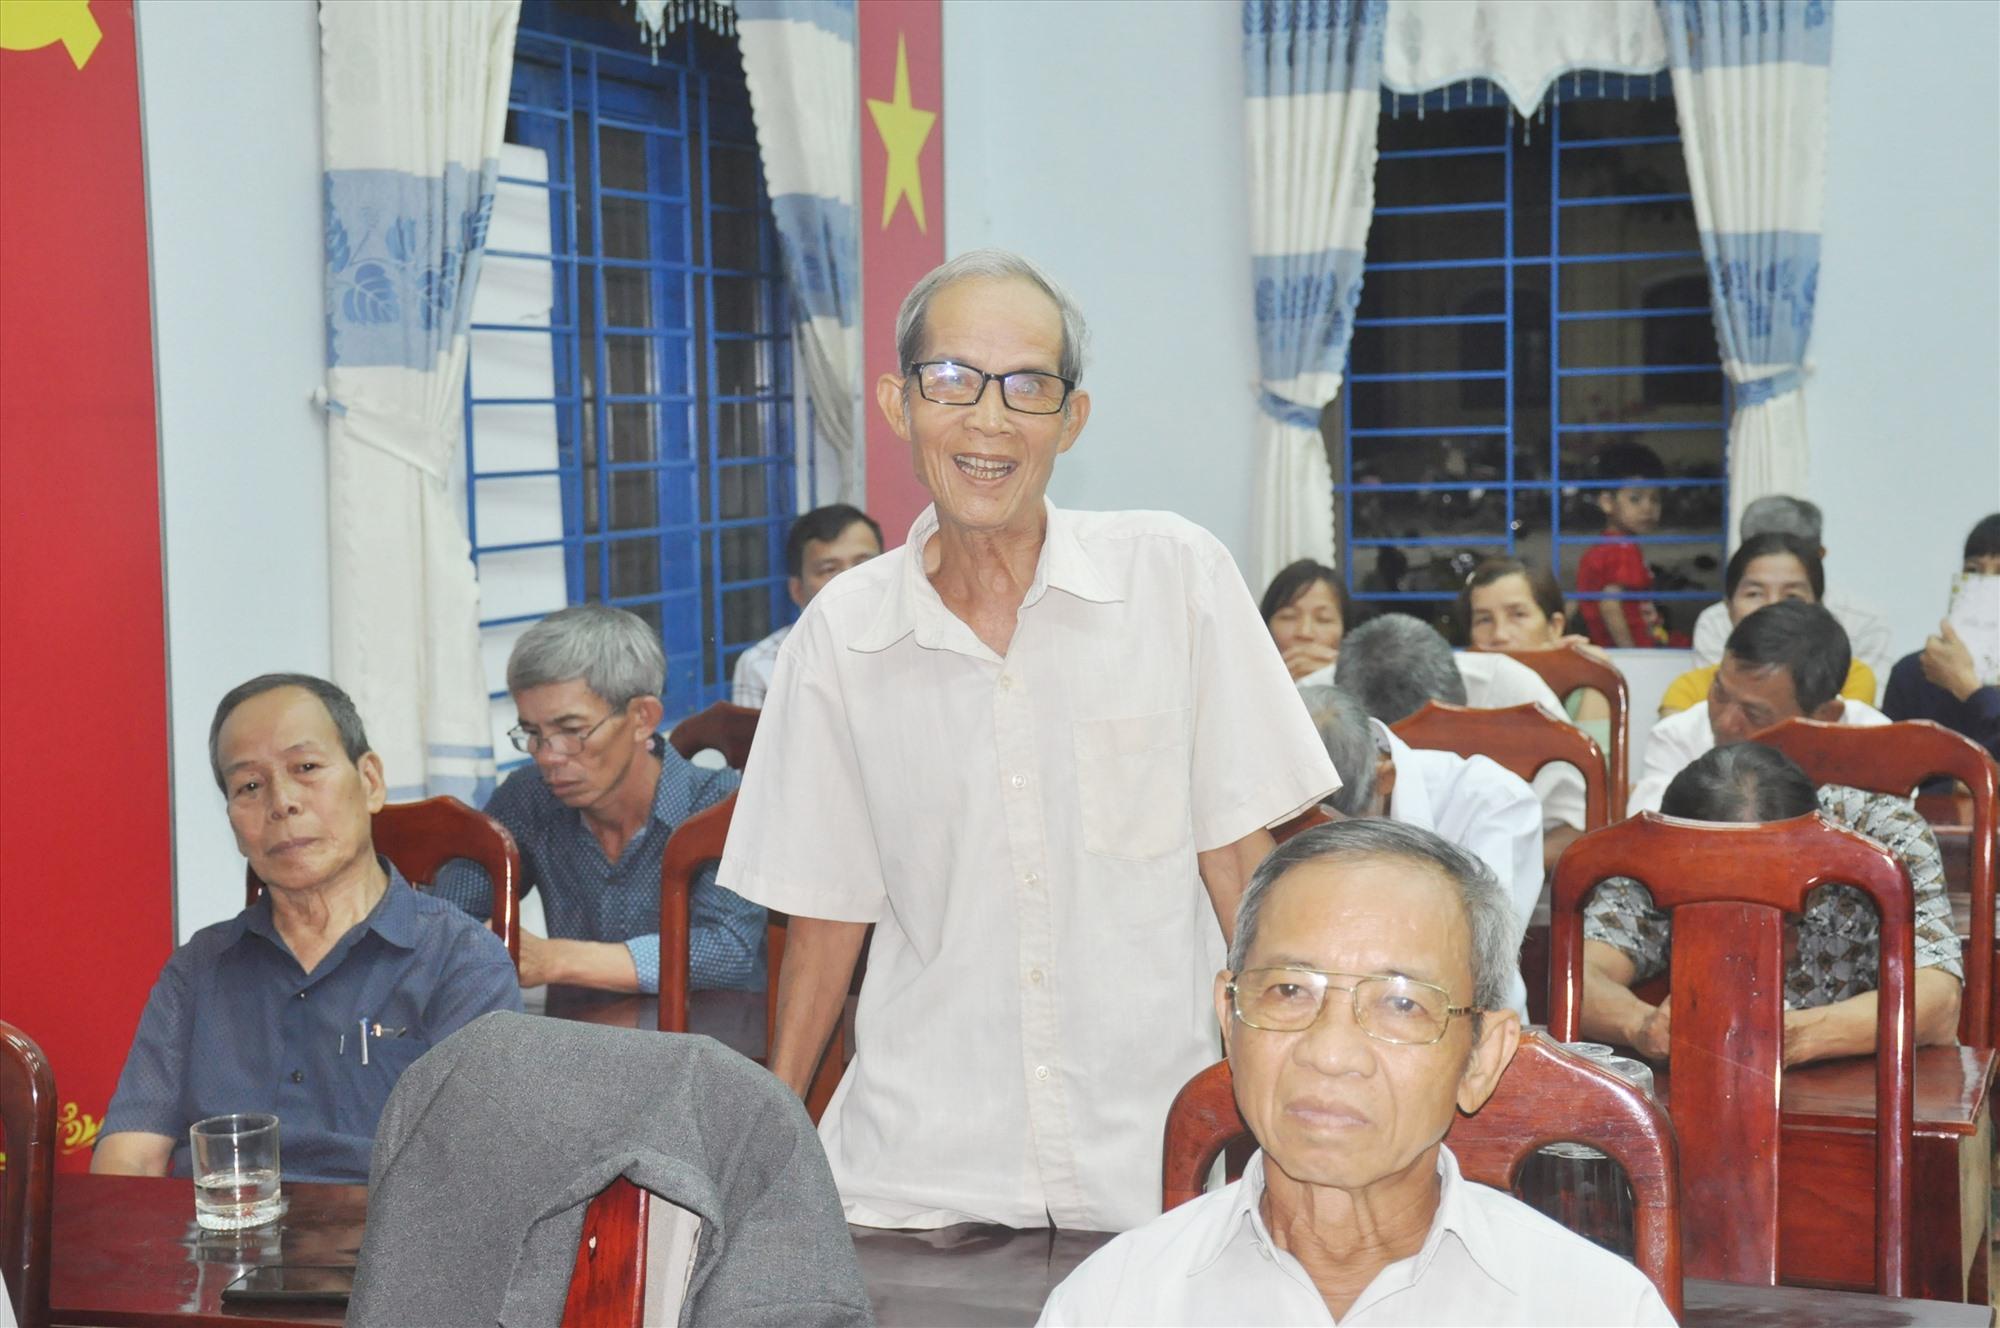 Củ tri thôn Tân Thuận (xã Hiệp Thuận, Hiệp Đức) bày tỏ sự tín nhiệm cao với 13 người ứng cử ĐBQH và HĐND các cấp nhiệm kỳ 2021 - 2026. Ảnh: N.Đ